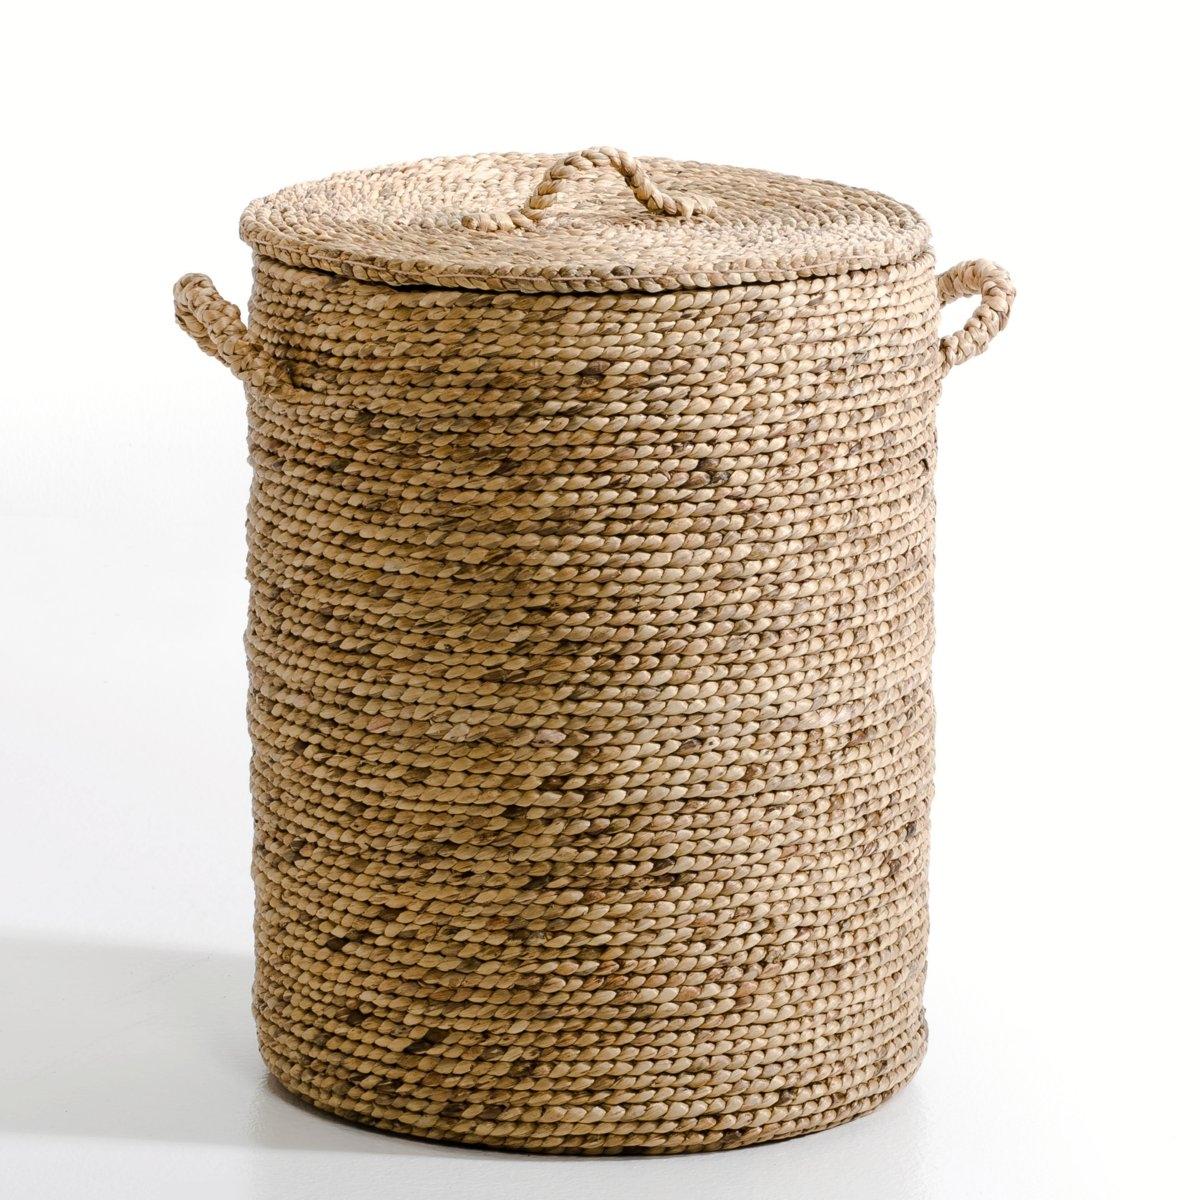 Корзина круглая из плетеных волокон эйхорнии. В60 см, Liane